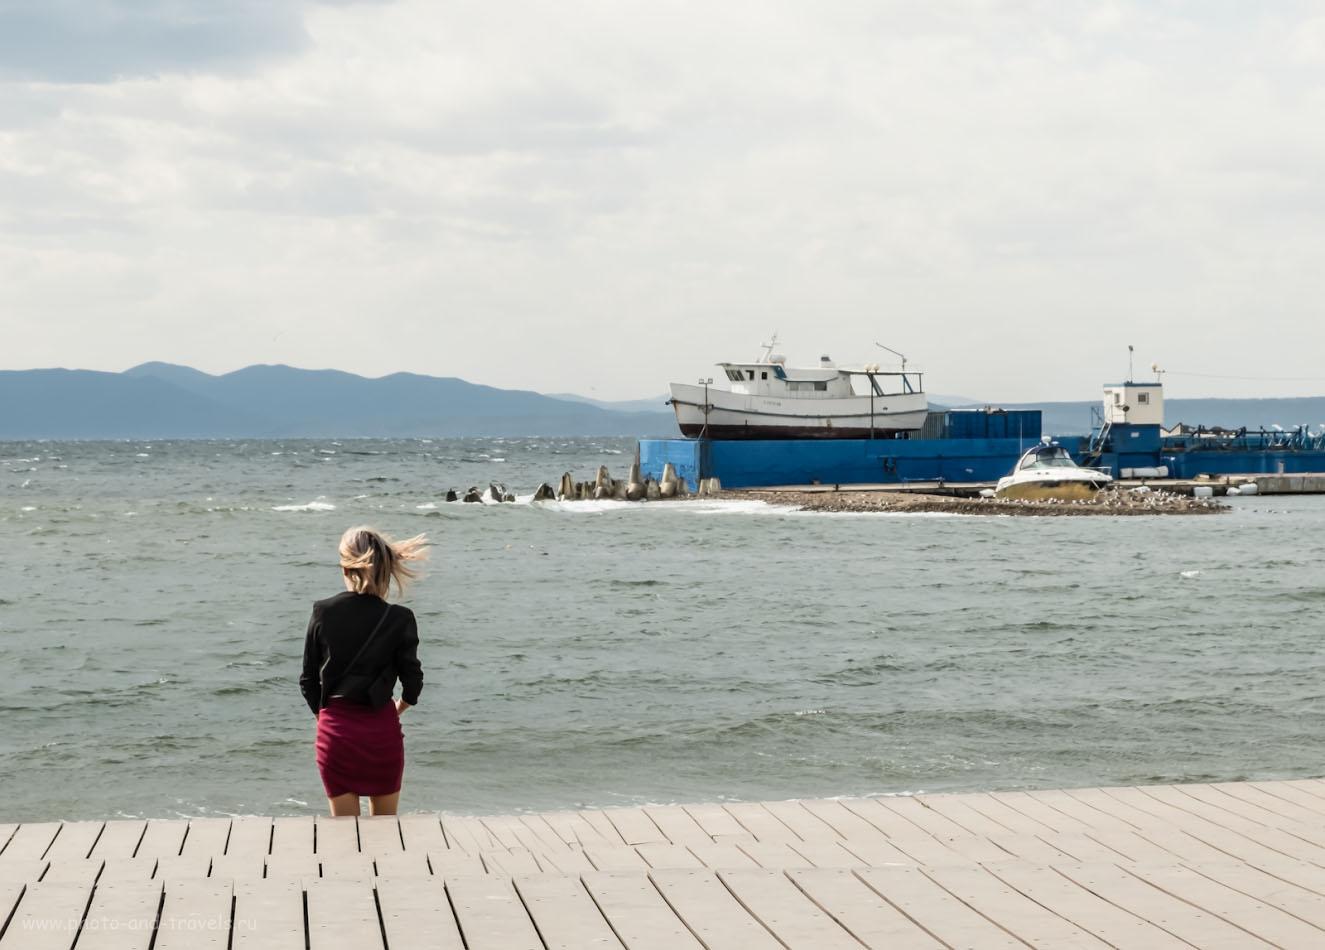 Фото 21. Фотопрогулка по Владивостоку. Вид на Амурский залив. 1/240, +0.67, 8.0, 200, 28.4.